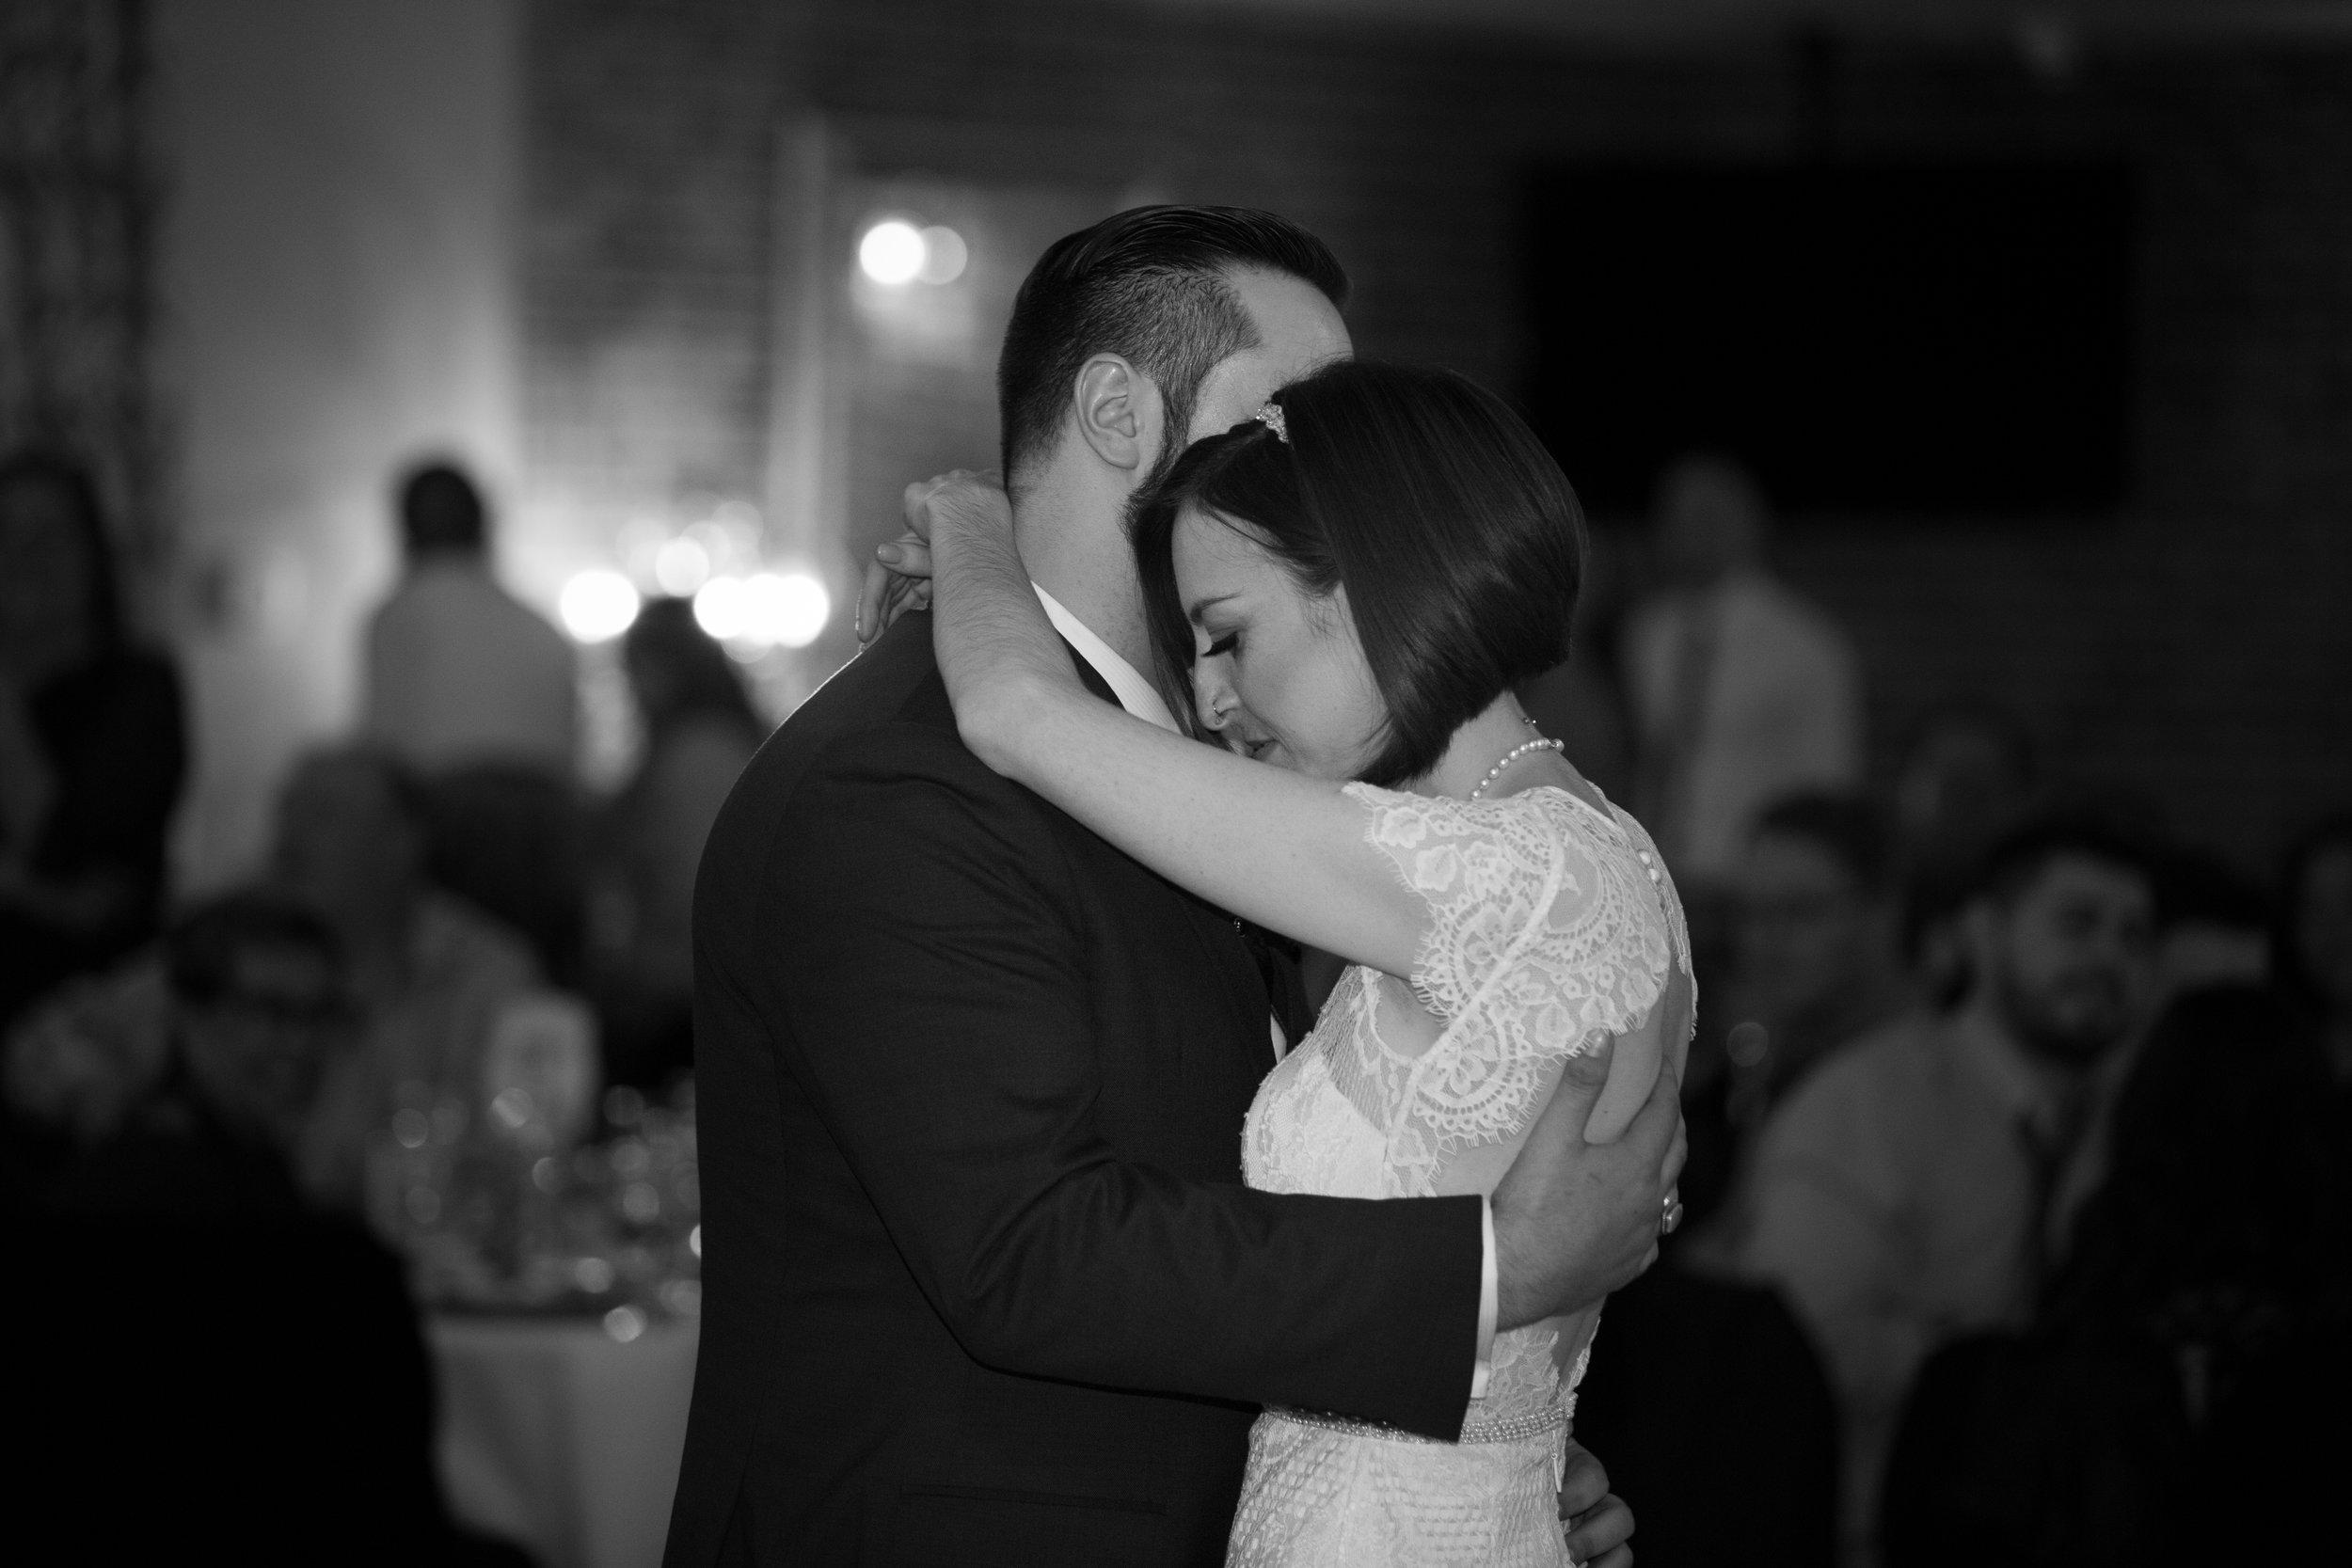 Renee&Jake_WeddingPreviews-014.jpg